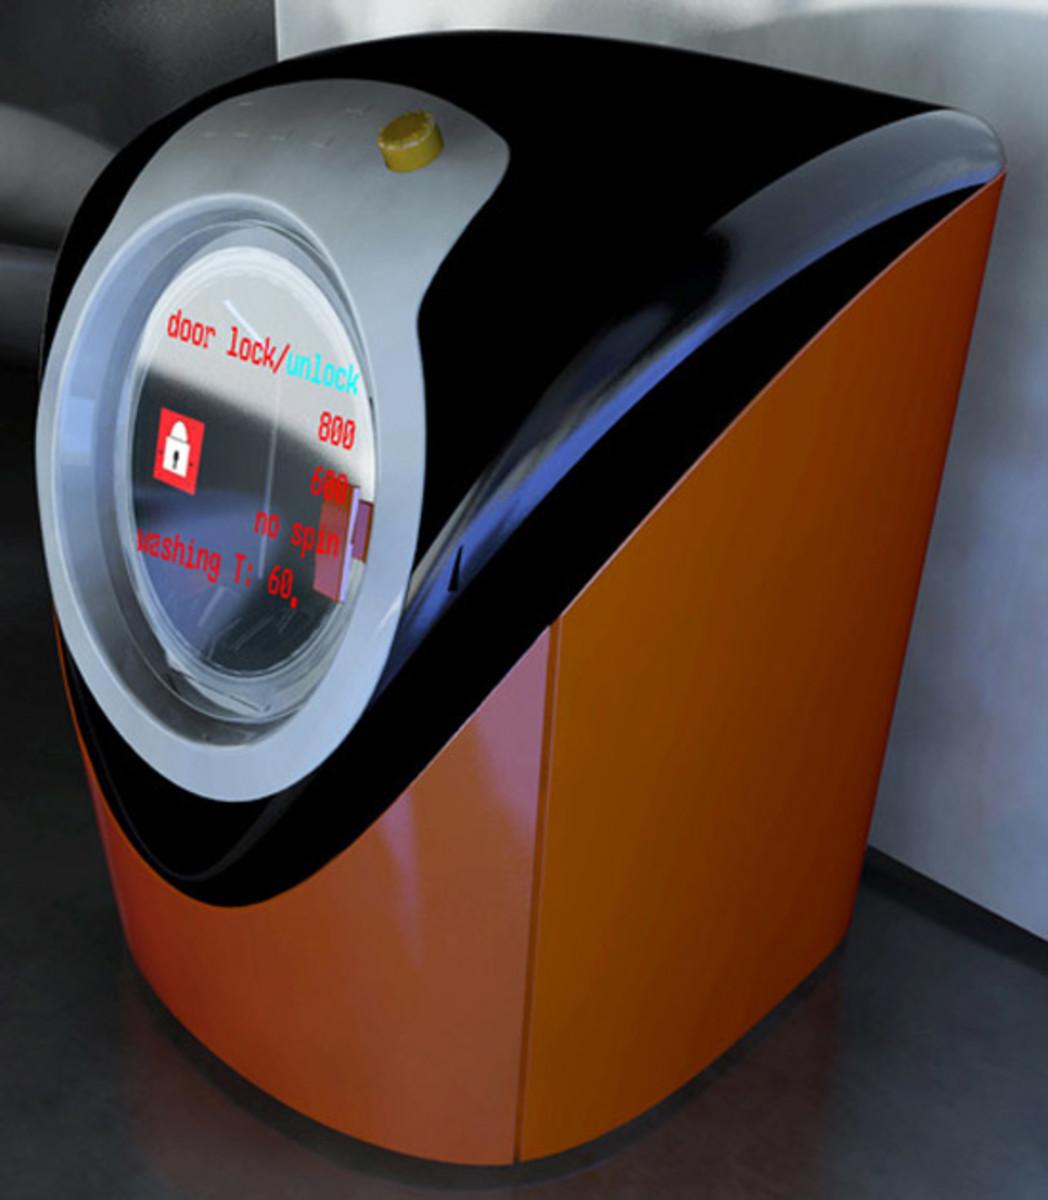 The OVO washing machine